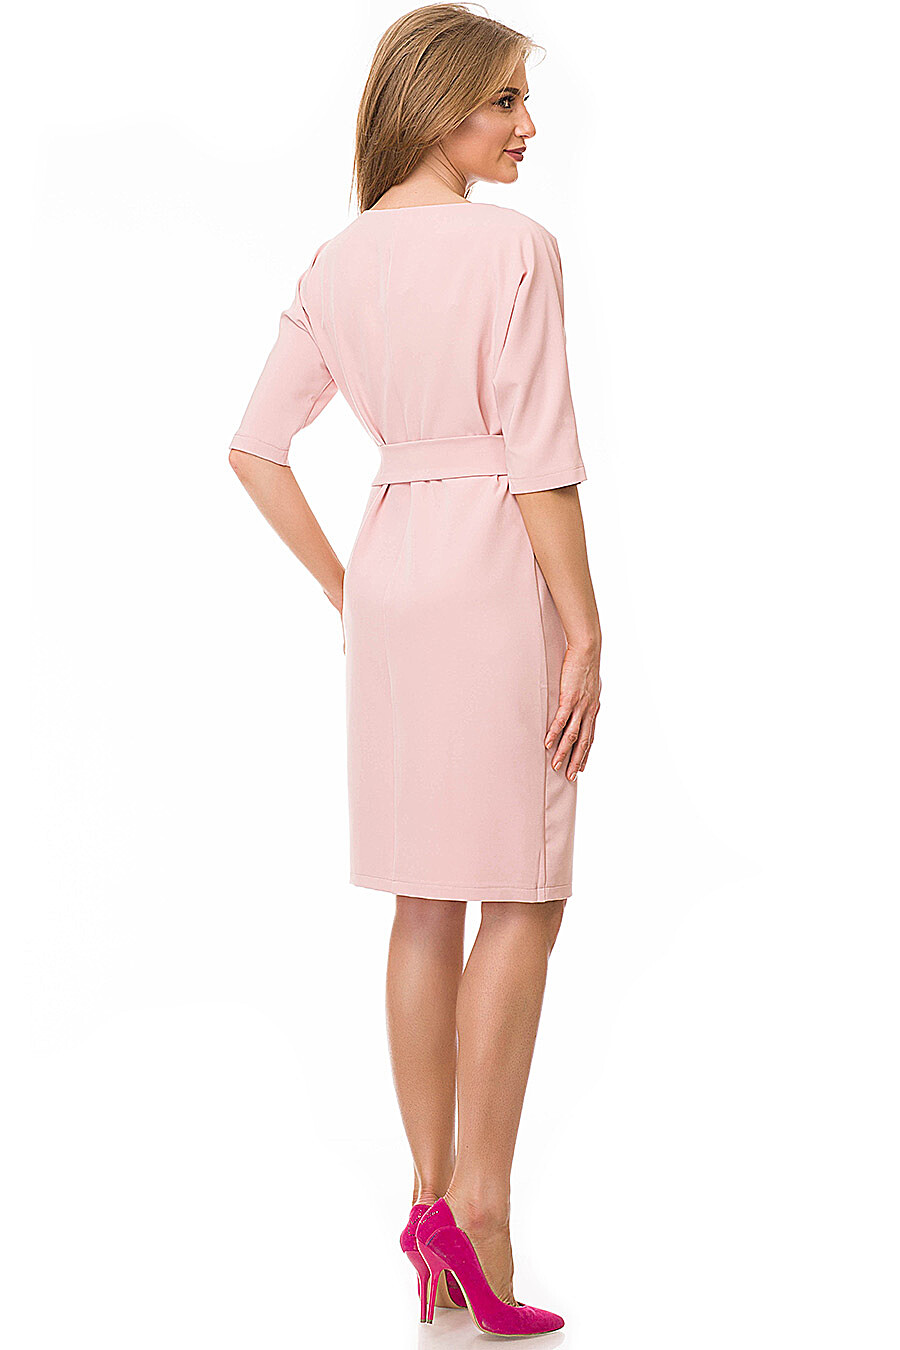 Платье GABRIELLA (79156), купить в Moyo.moda